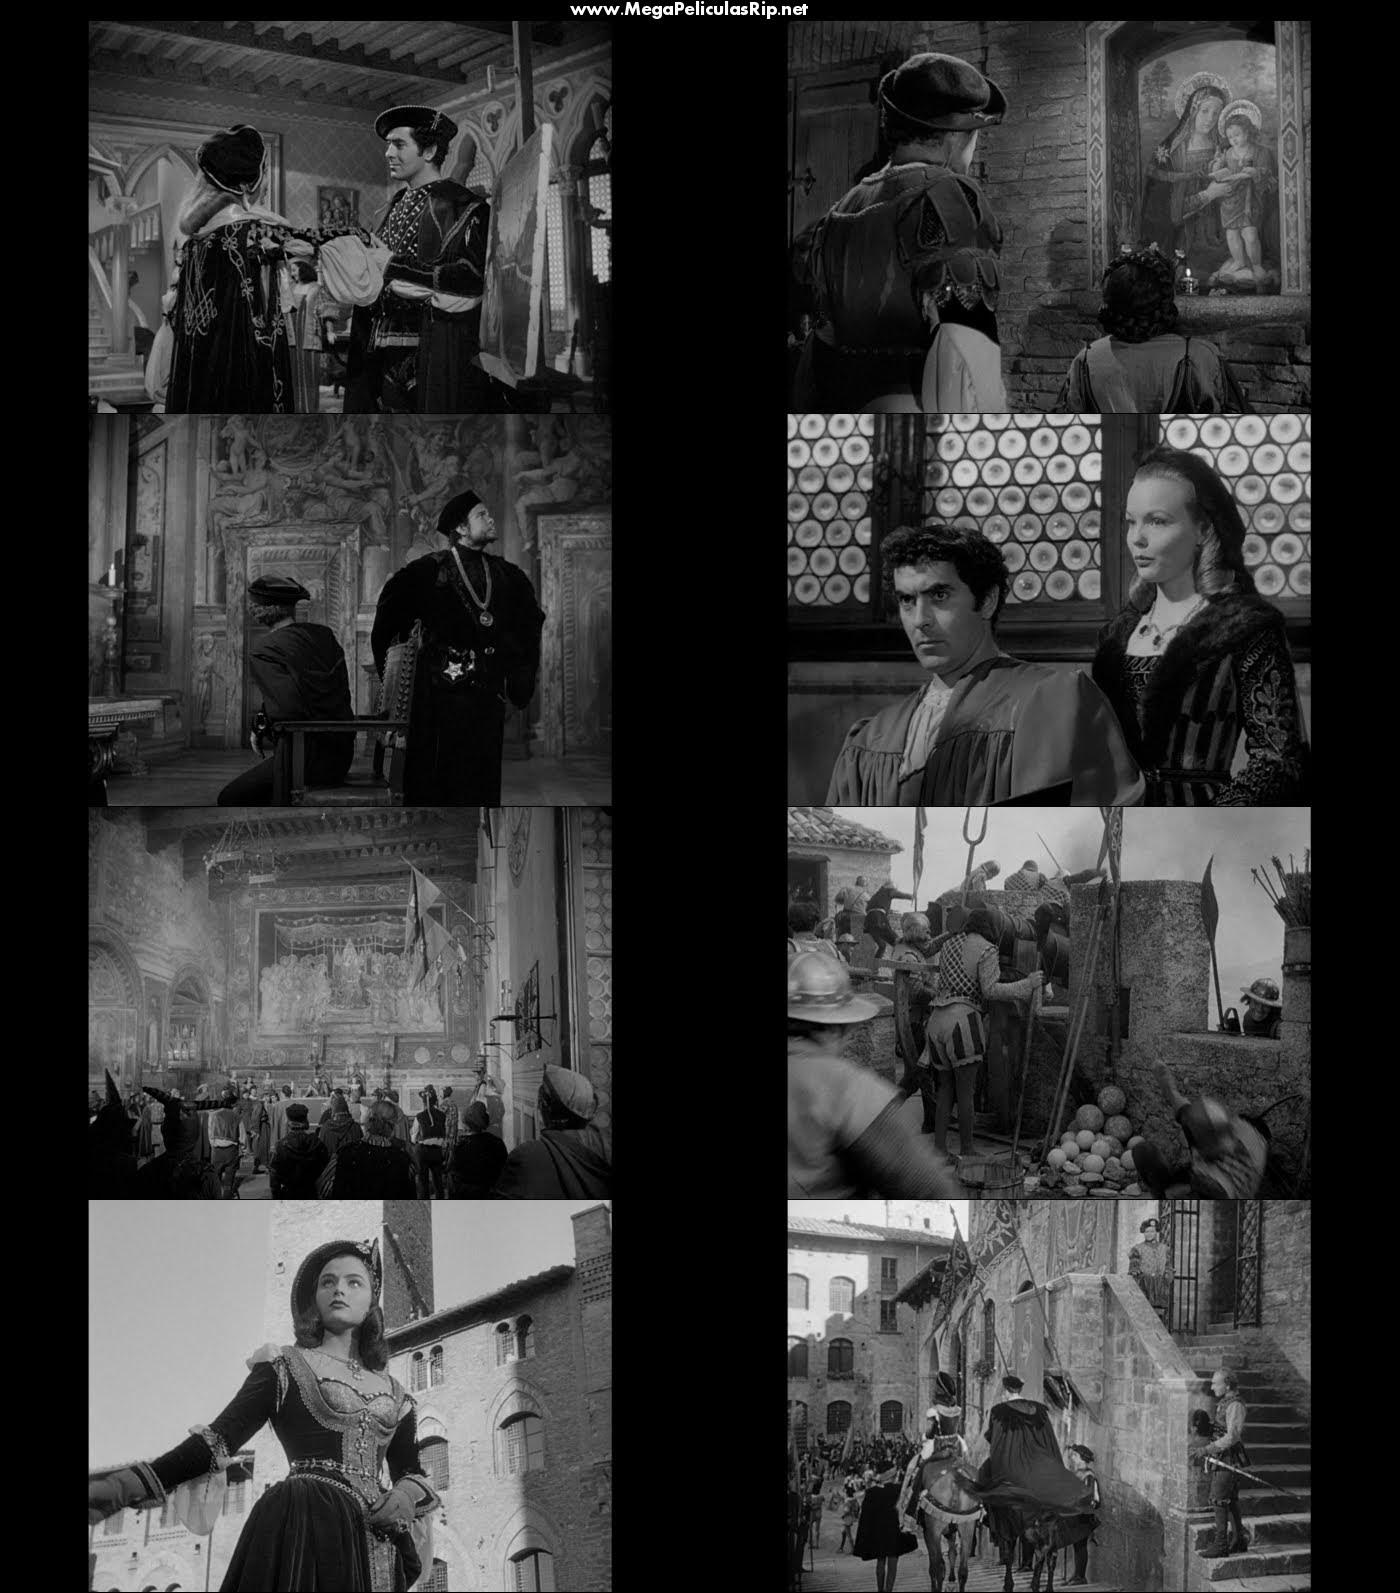 Principe De Los Zorros 1080p Latino